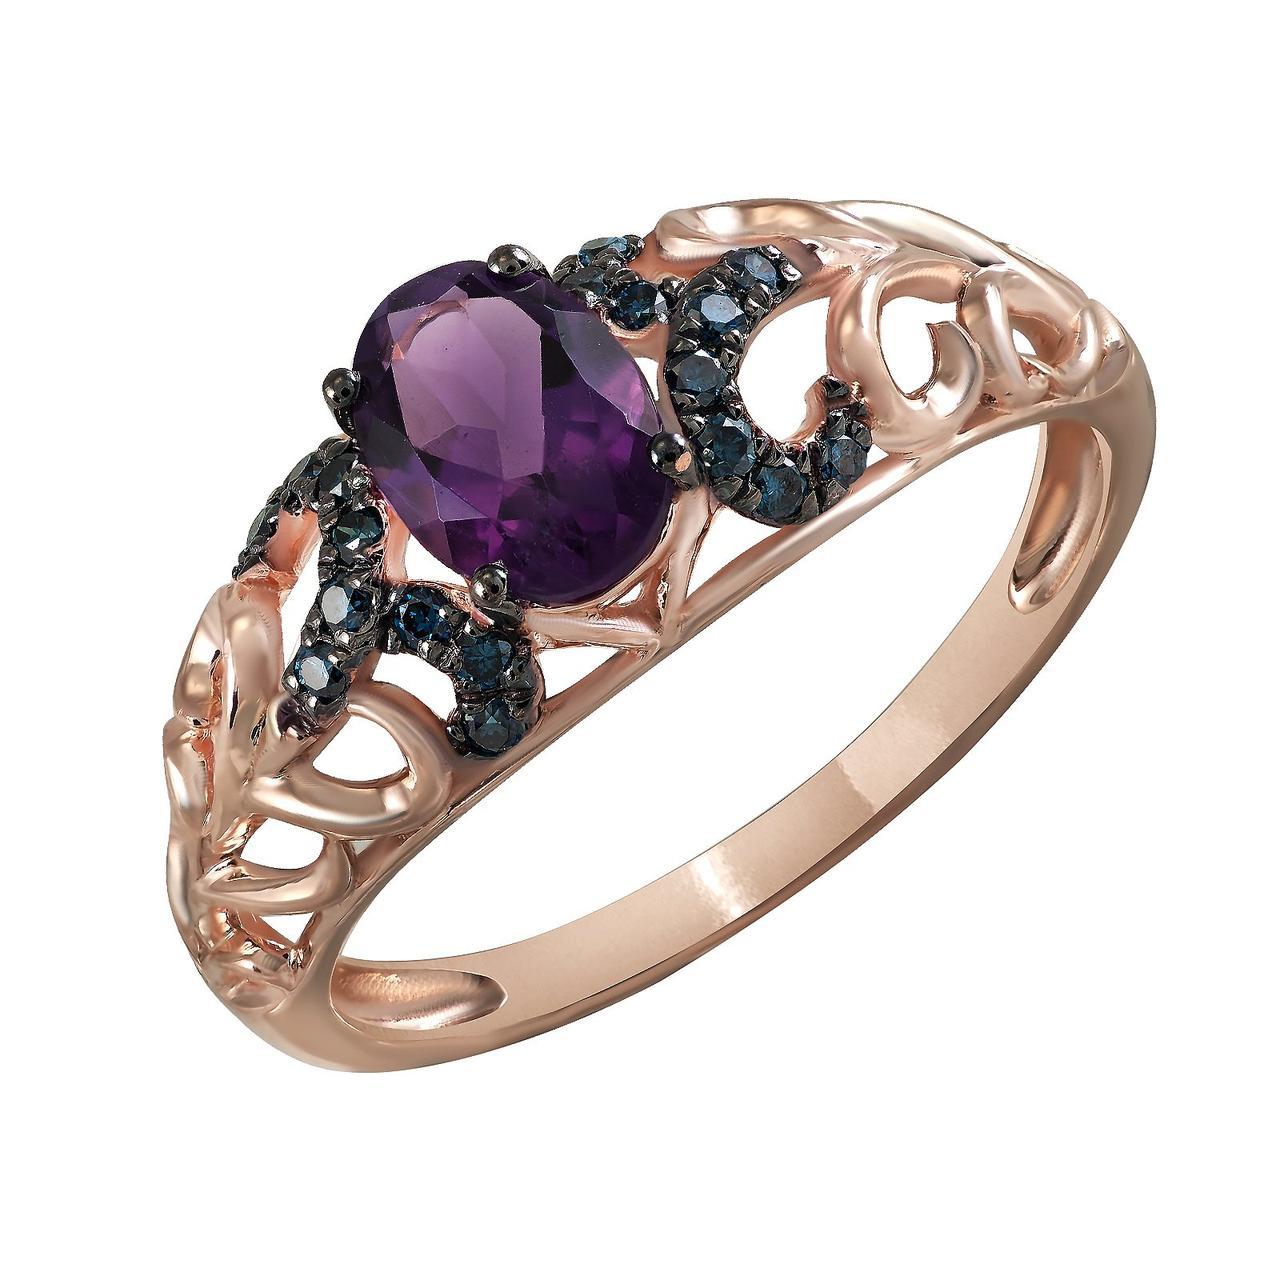 Золотое кольцо с аметистом и бриллиантами, размер 16.5 (817302)